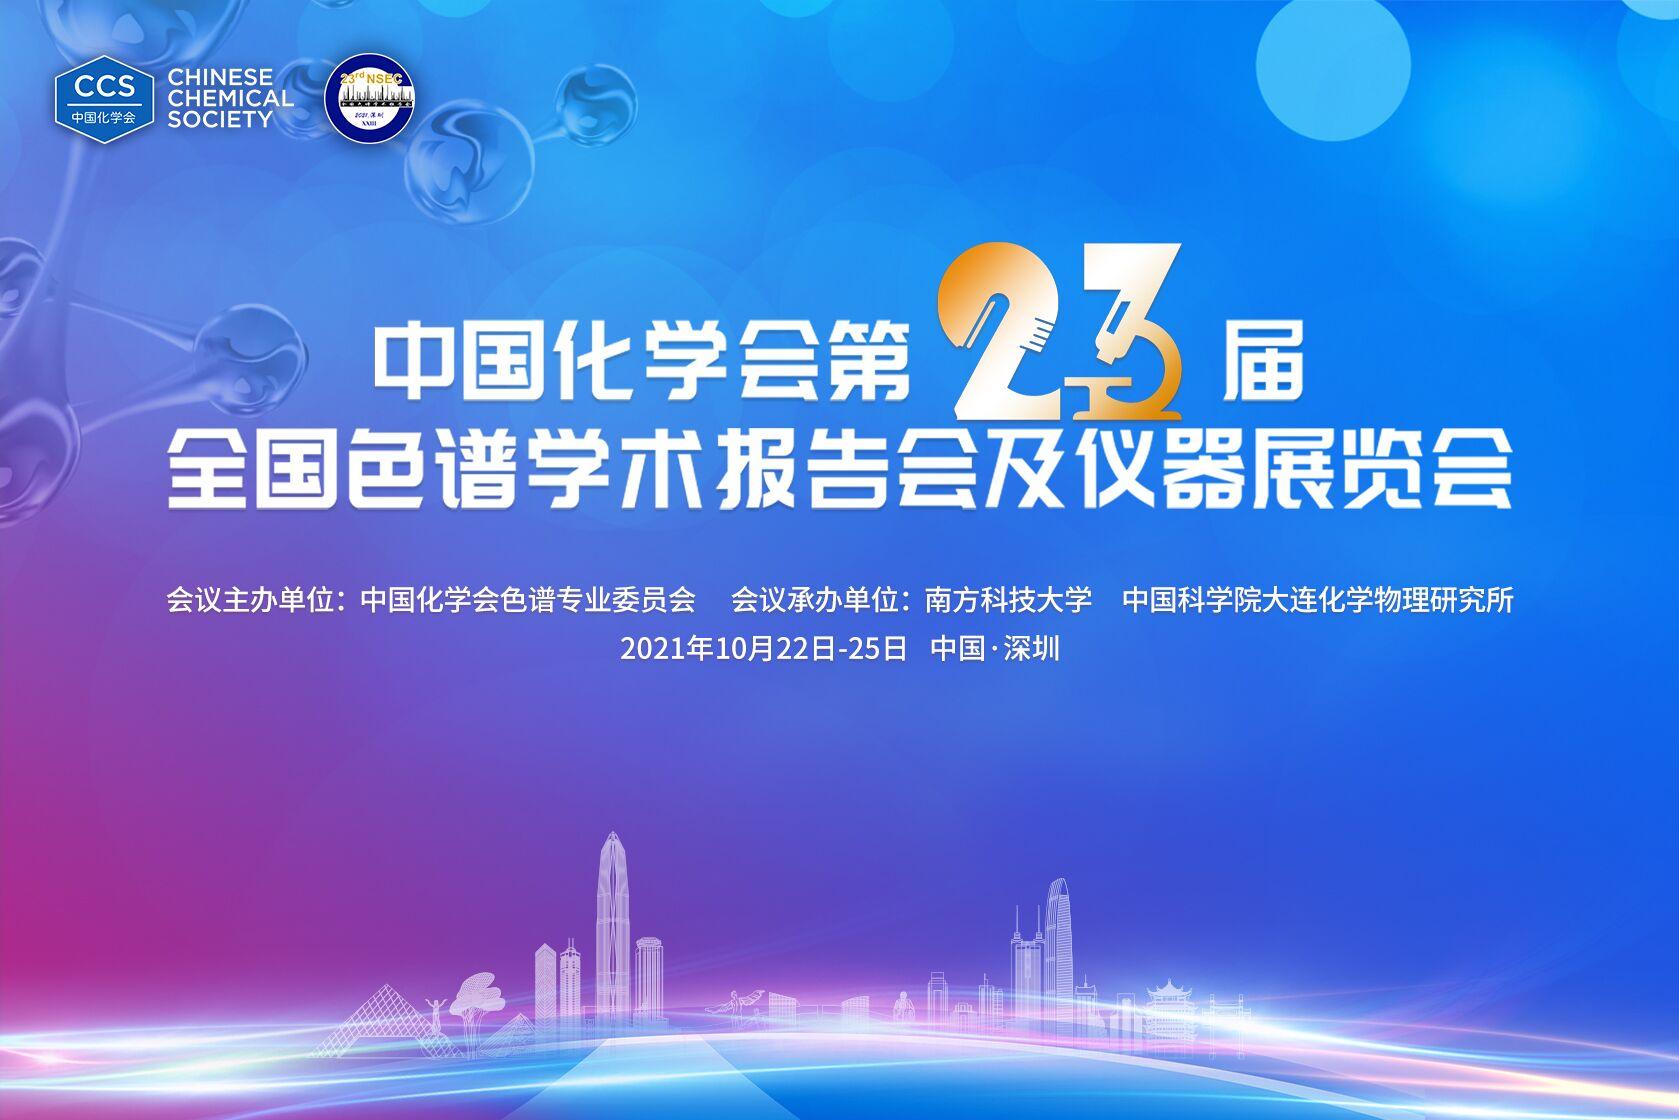 中国化学会第23届全国色谱学术报告会及仪器展览会(第三轮通知)